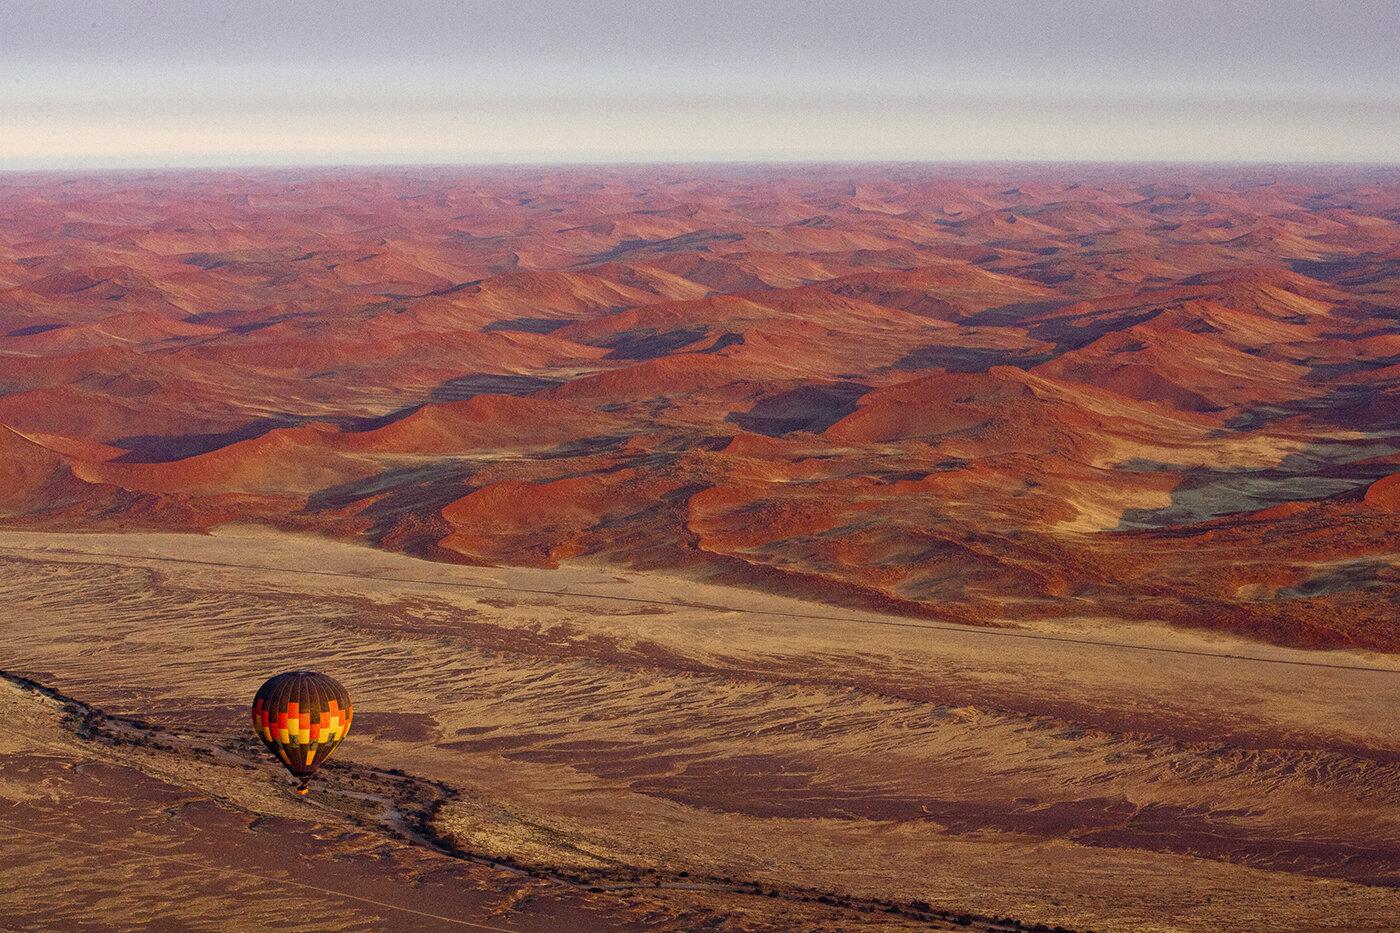 Balloon_safaris.jpg